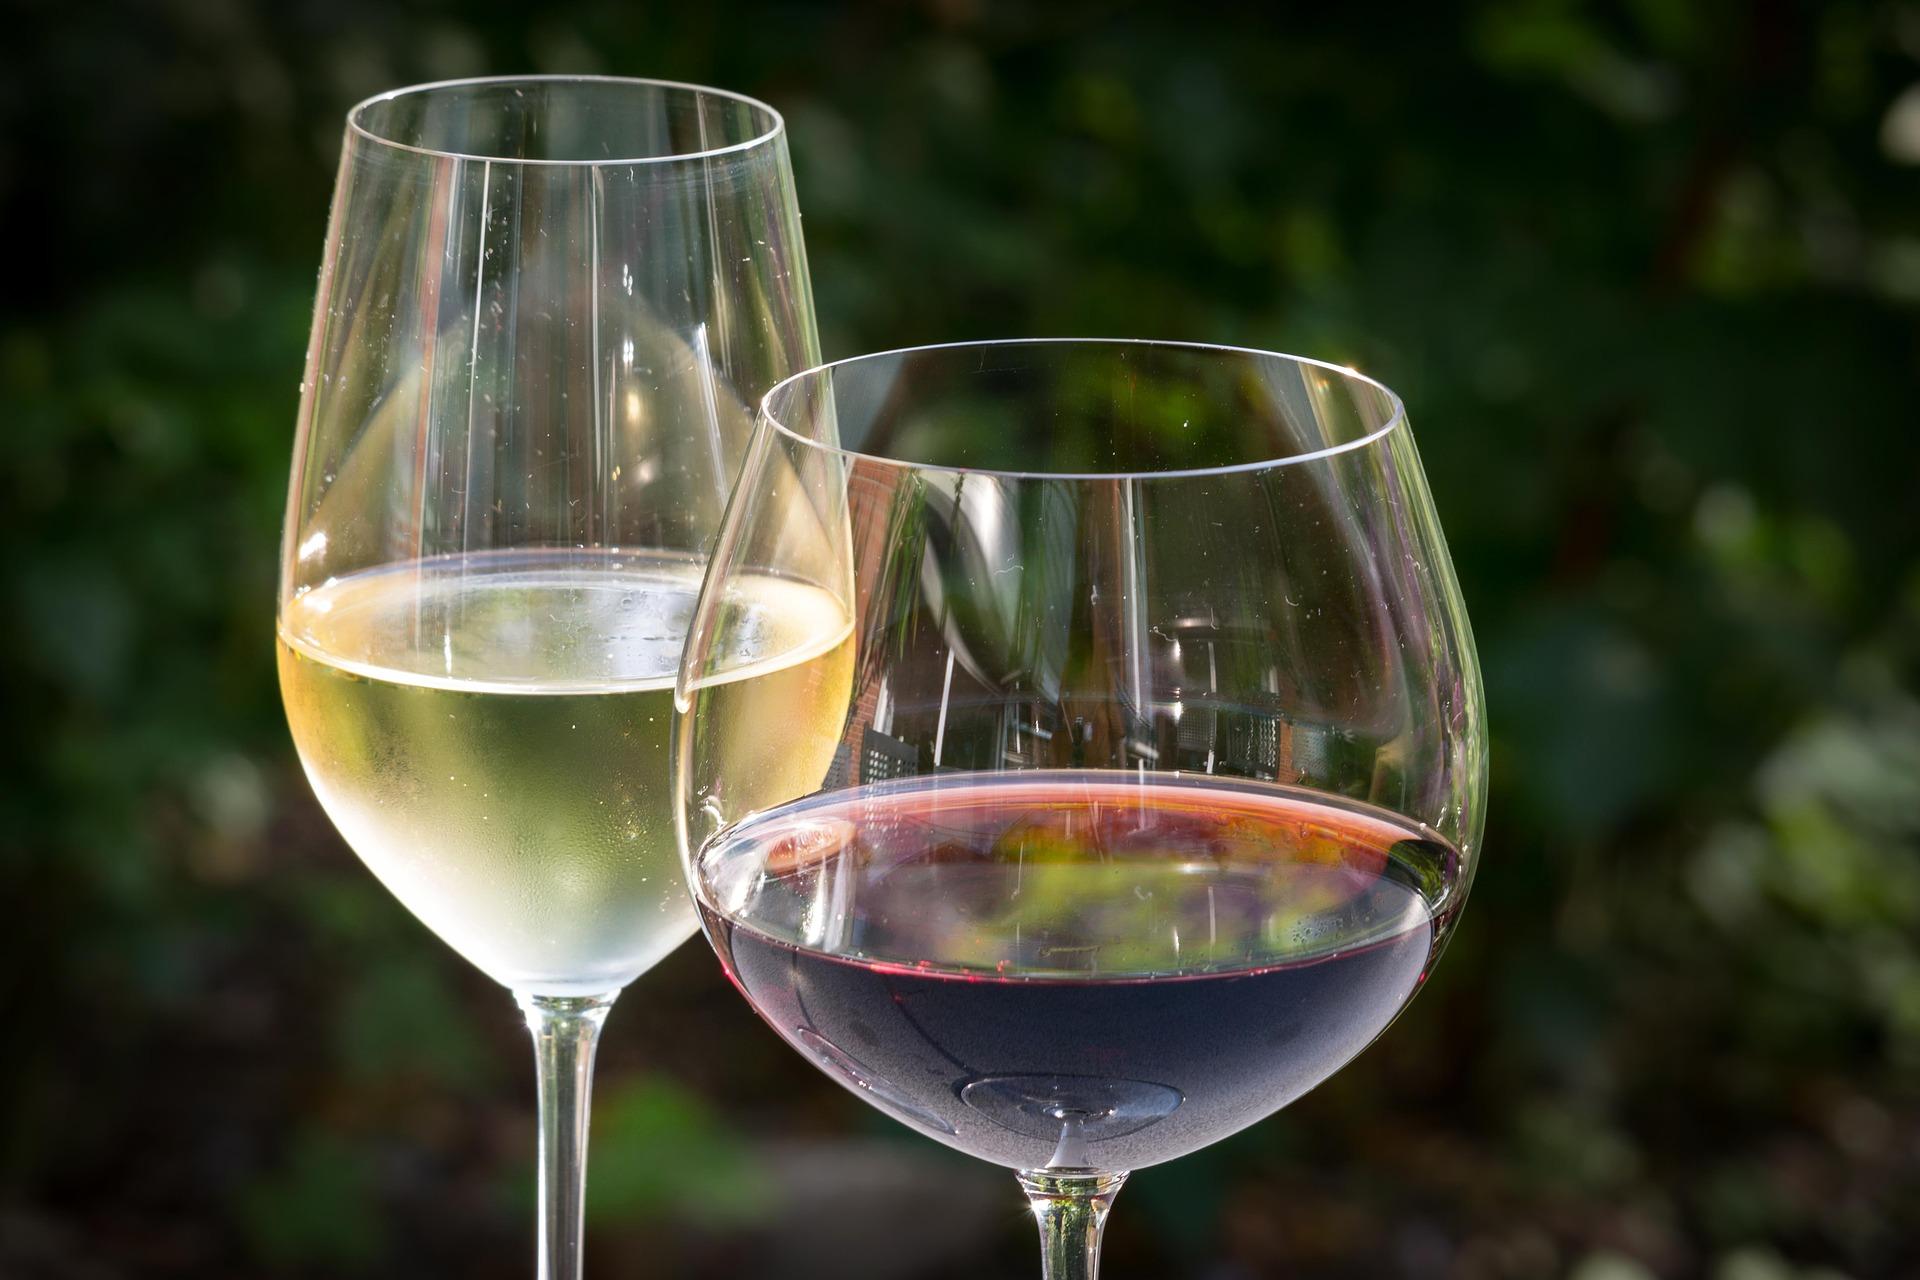 Lavori da sogno per un amante del vino